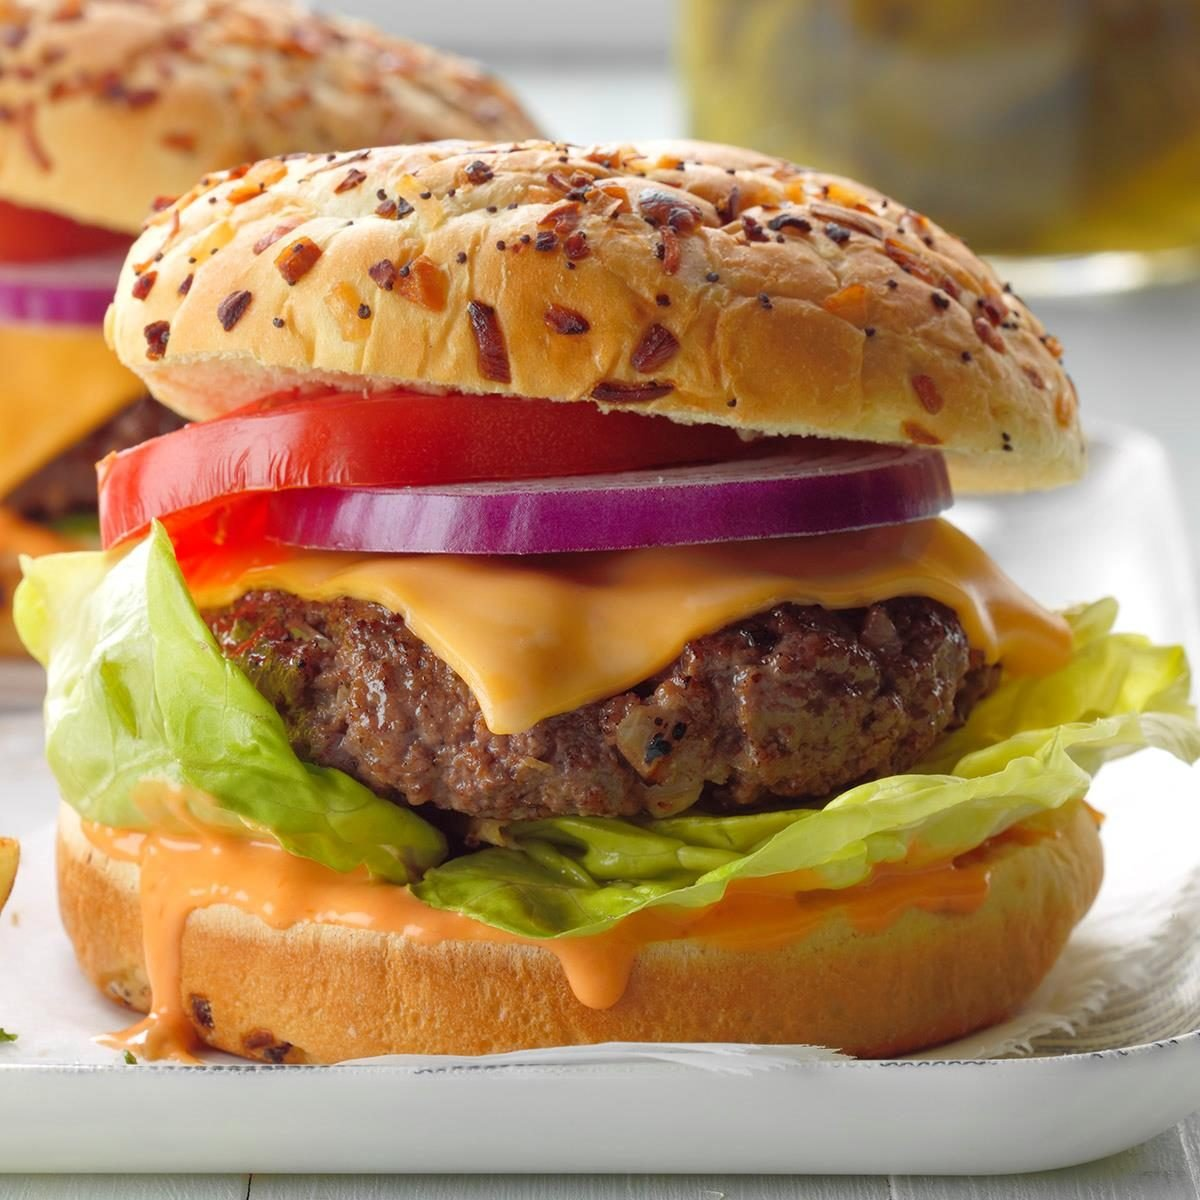 Juicy Burger